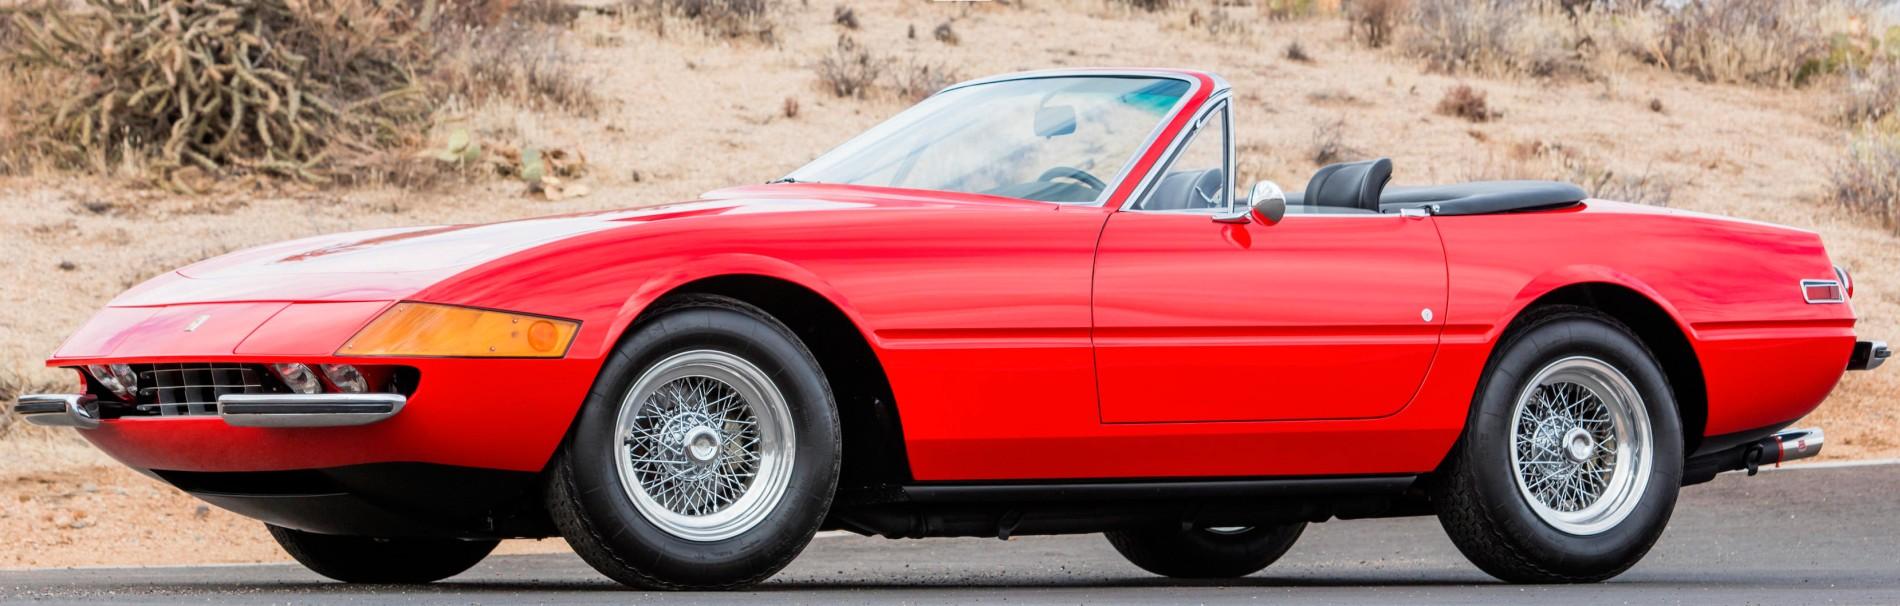 Ferrari 365 GTS/4 Daytona - Scottsdale 2018